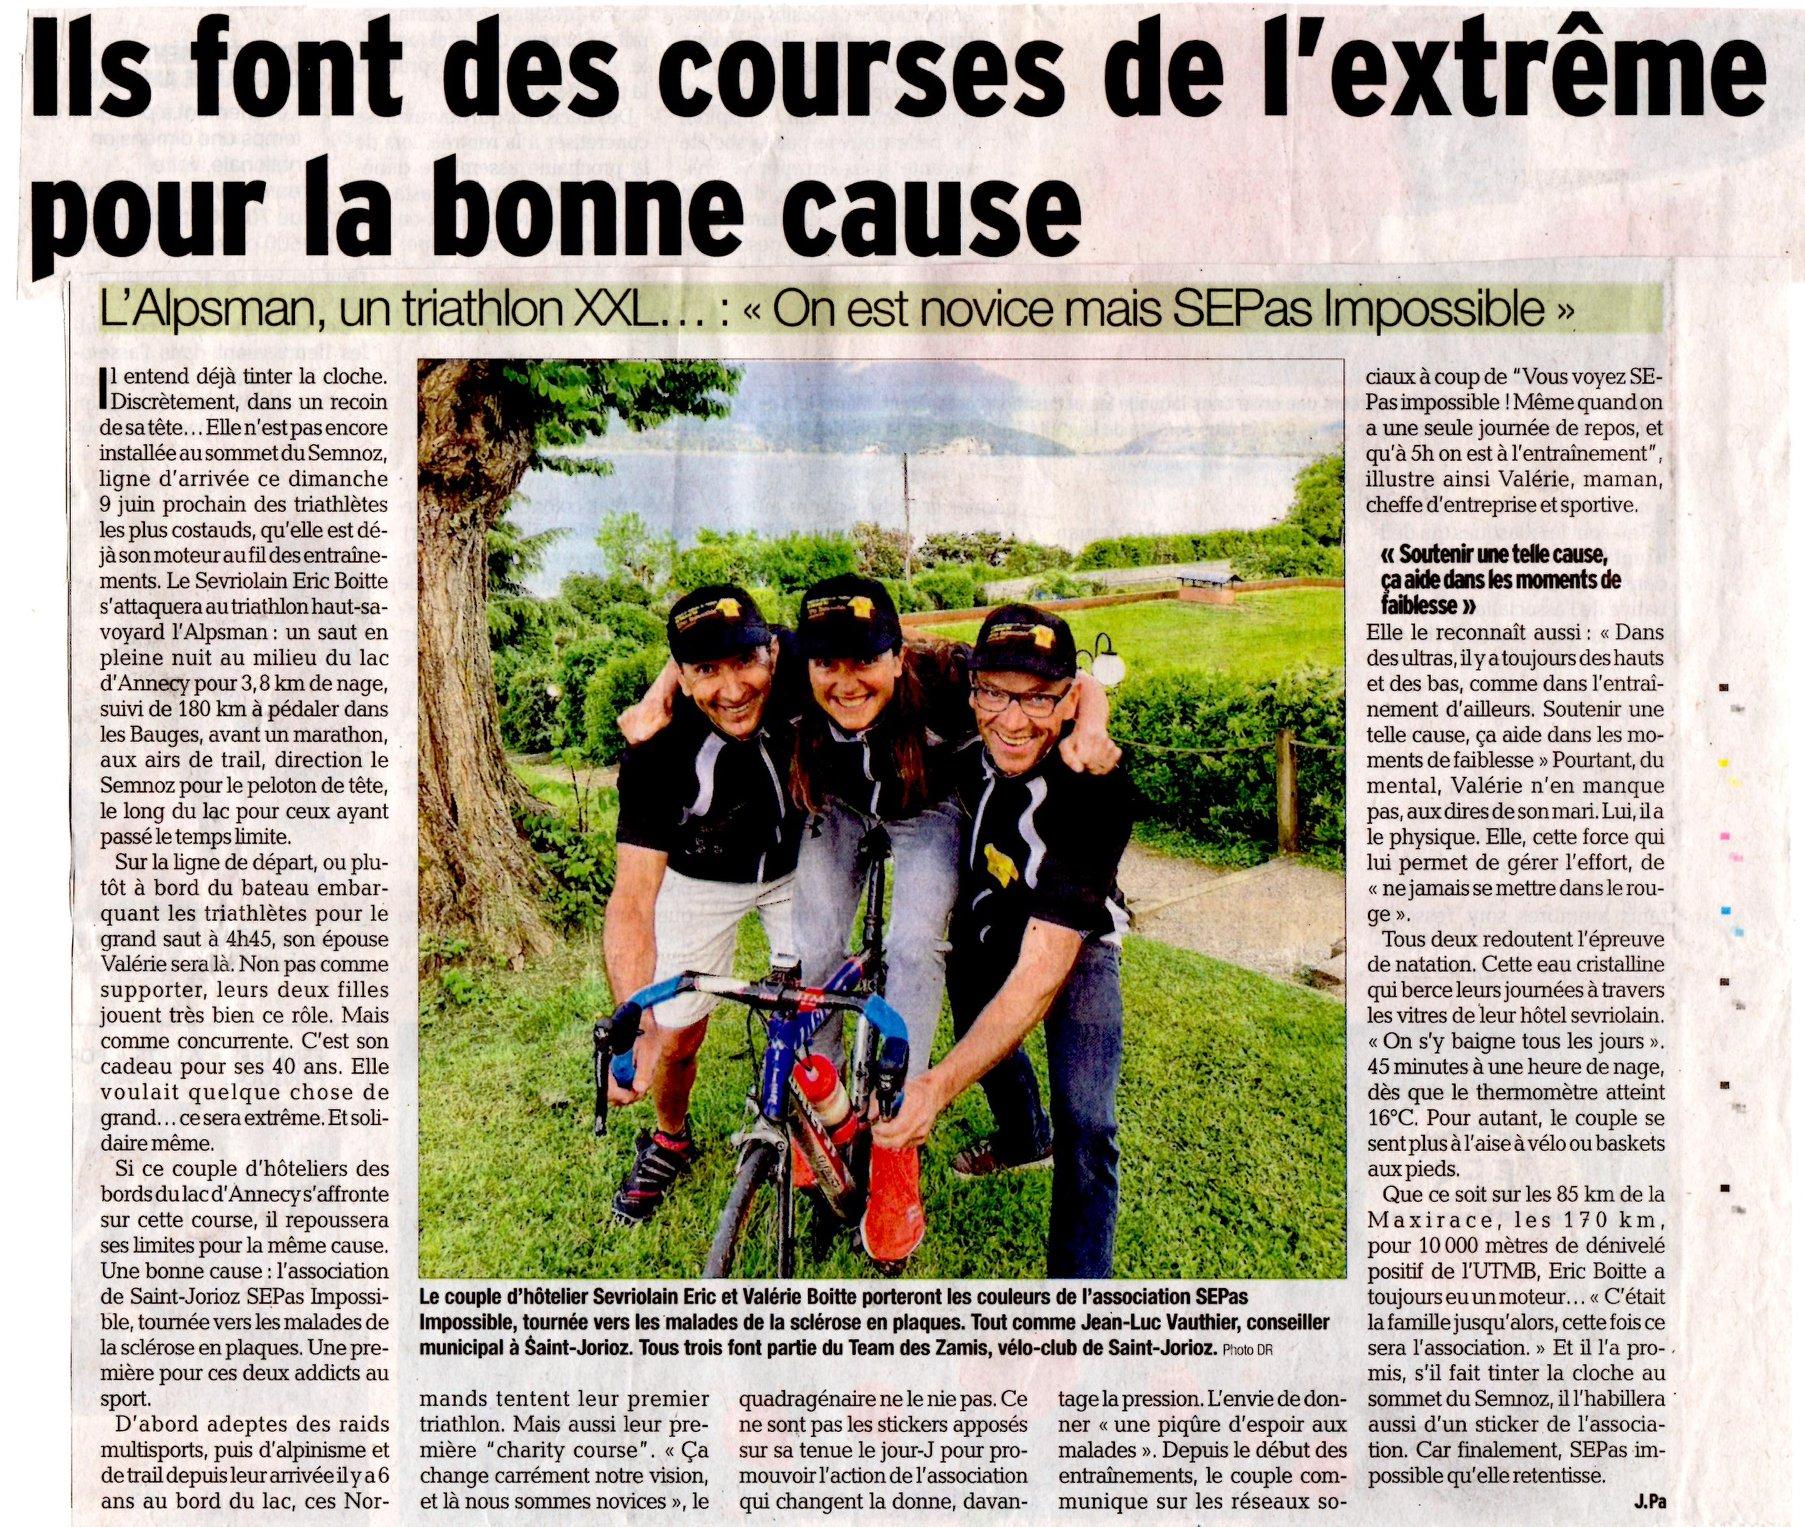 Le Dauphiné : Ils font des courses de l'extrême pour la bonne cause